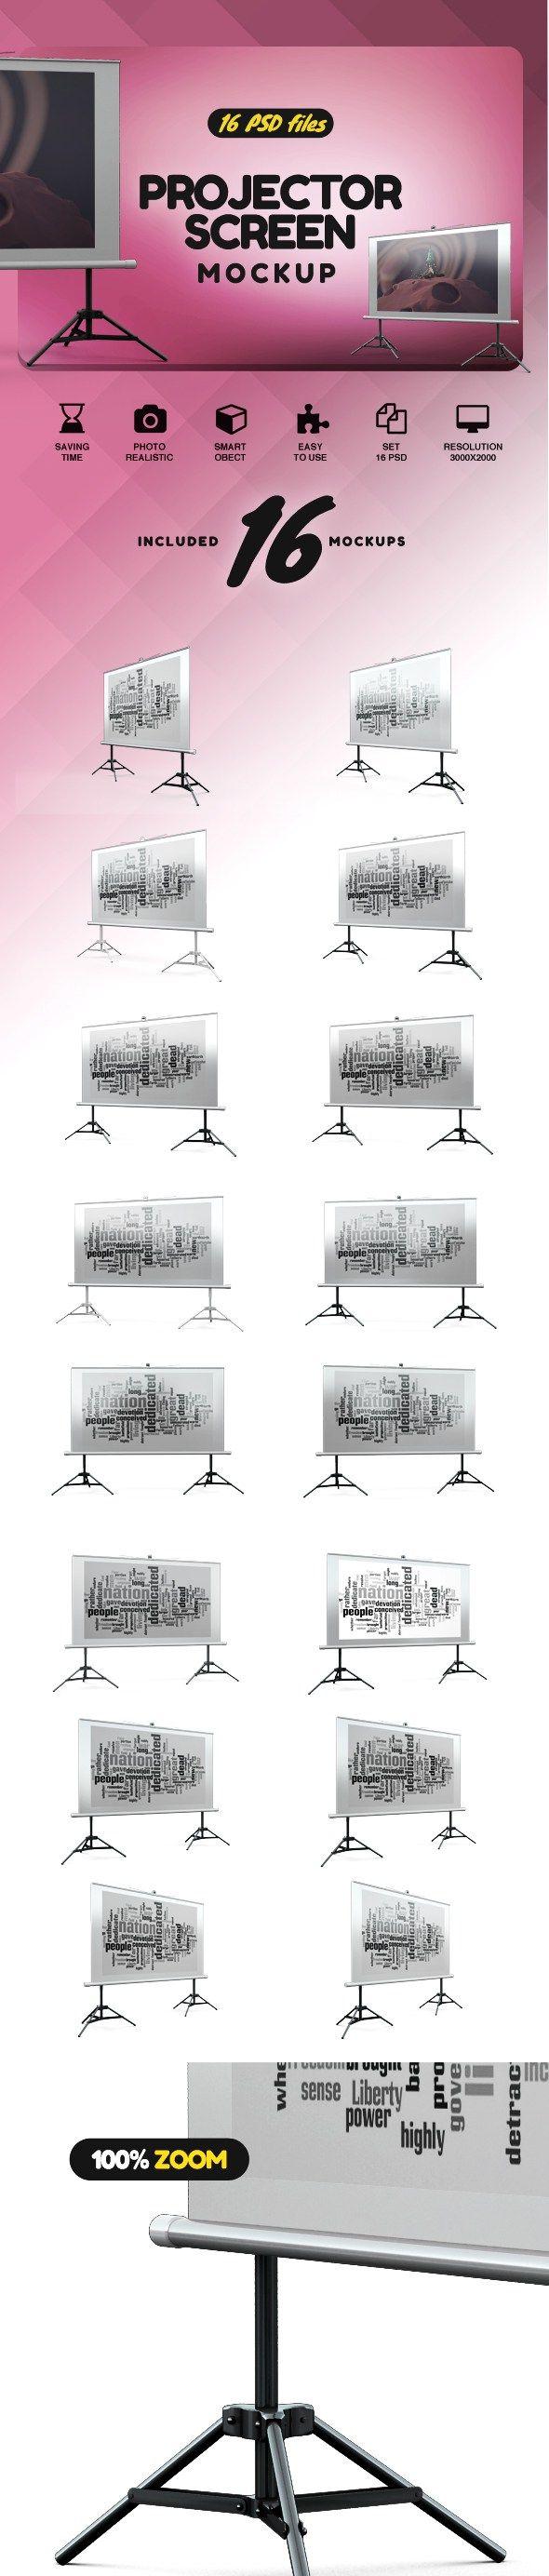 Projector Screen Mockup